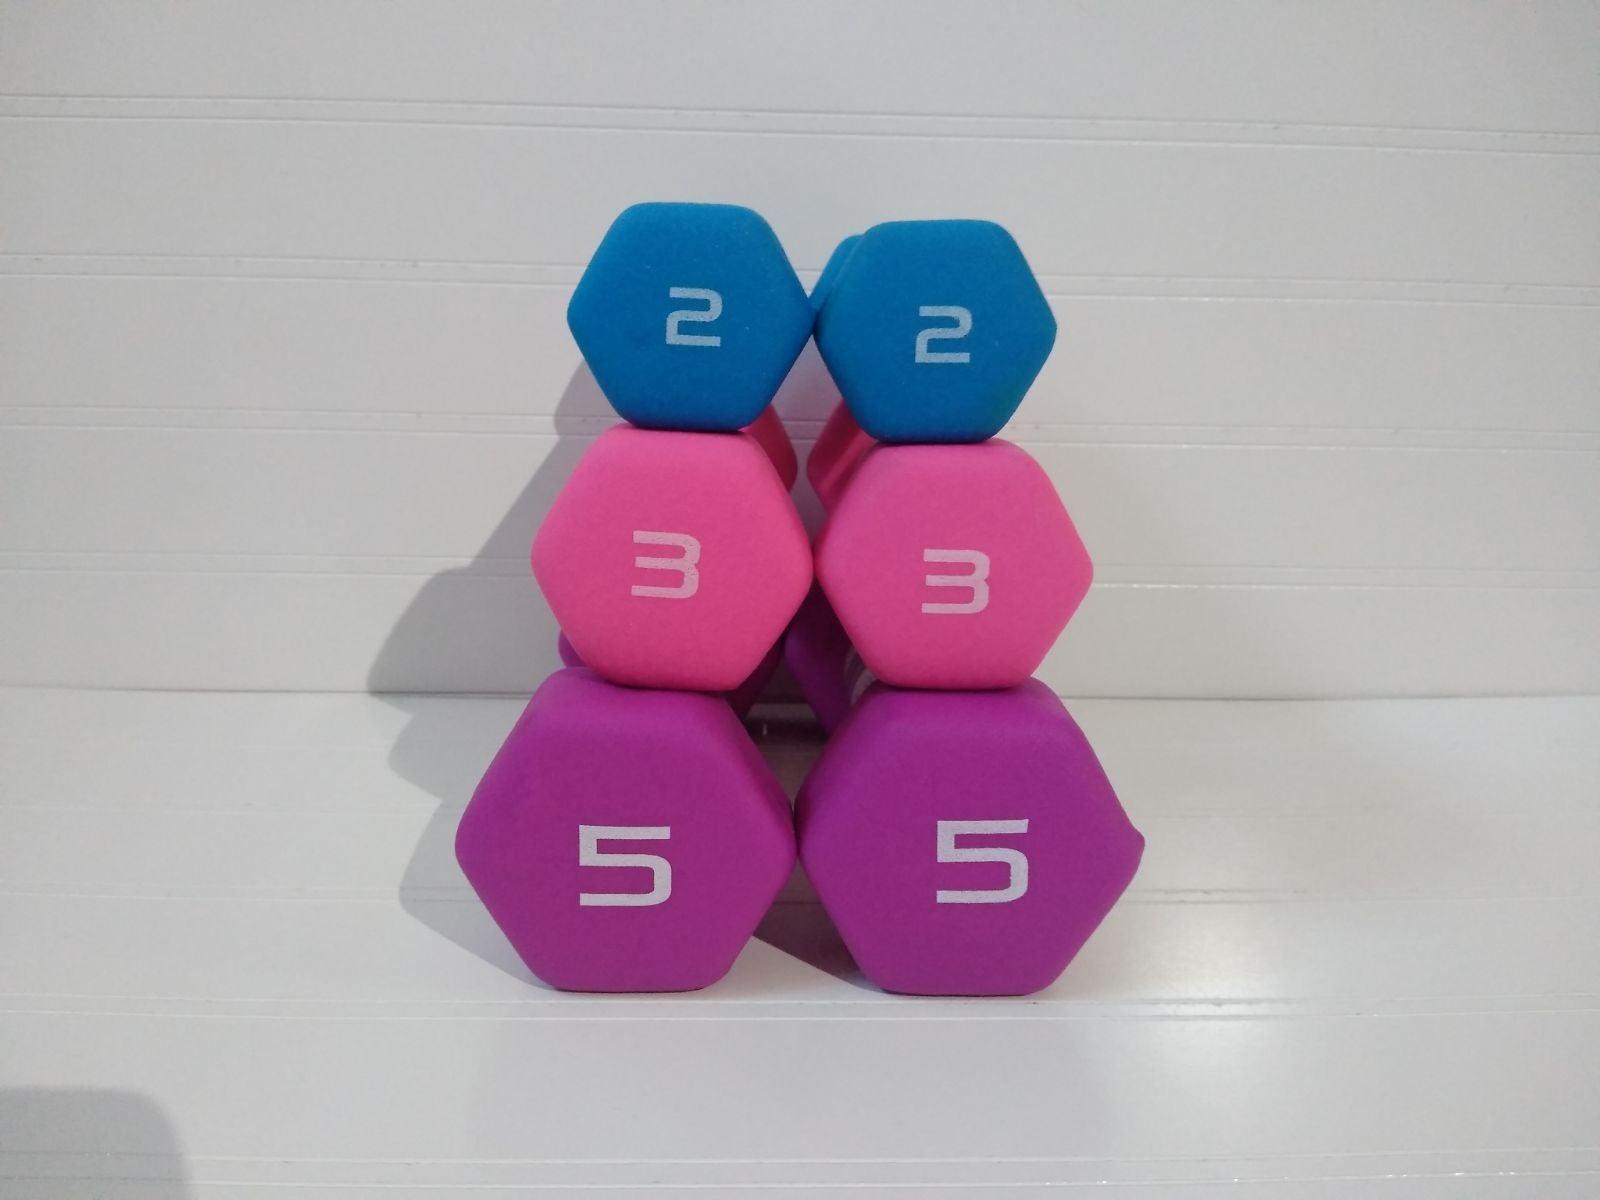 Cap 2 lb, 3 lb, & 5 lb Dumbbells/Weights